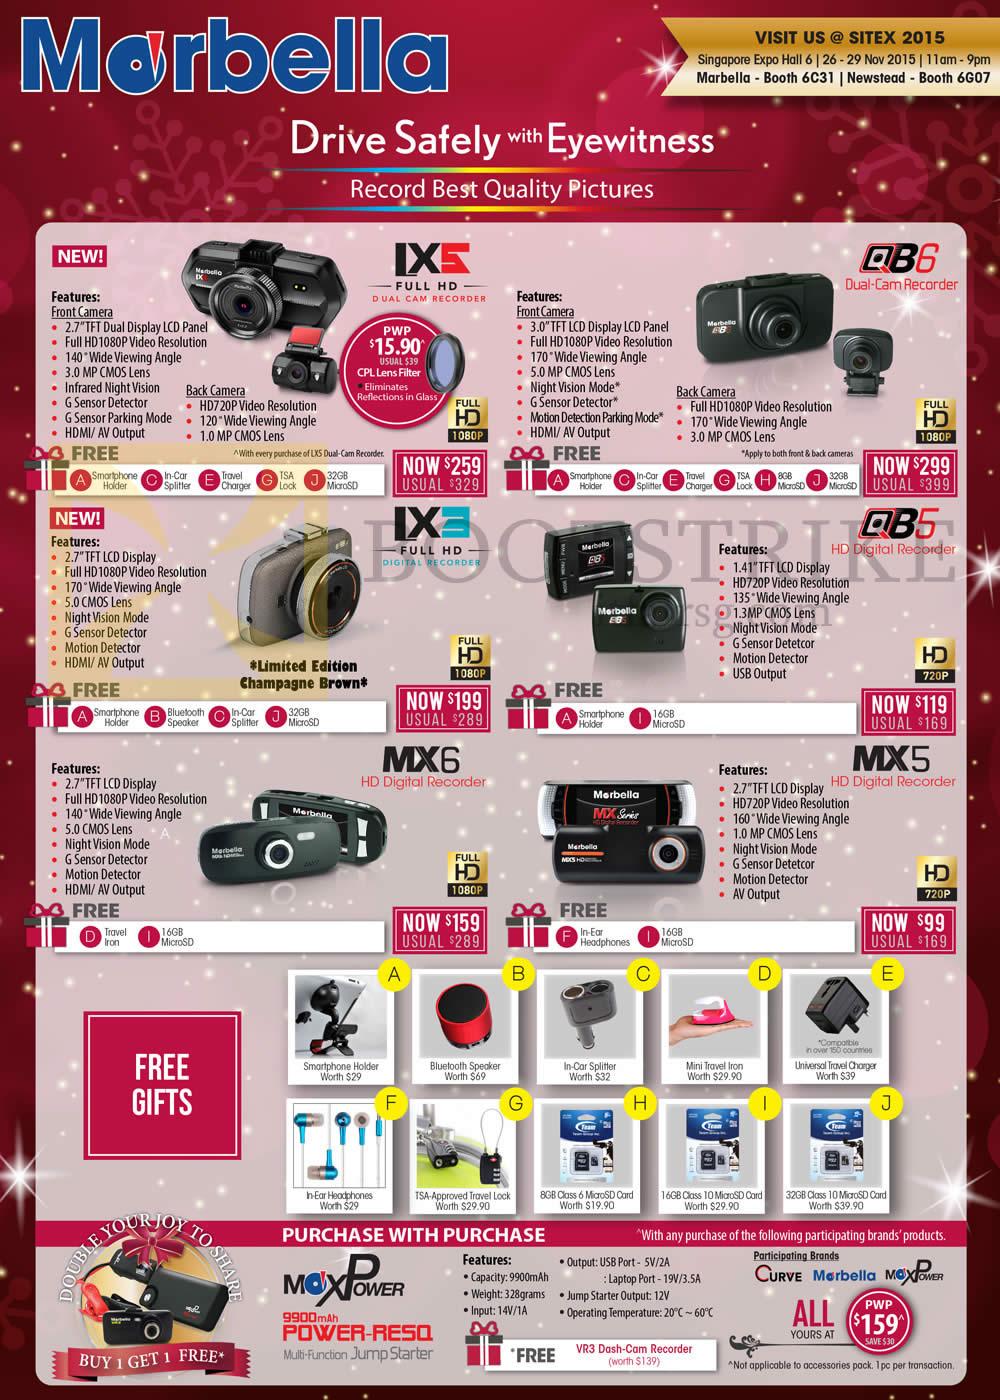 SITEX 2015 price list image brochure of Maka GPS Marbella Maxpower Car Cameras LX5, QB6, LX3, QB5, MX6, MX5